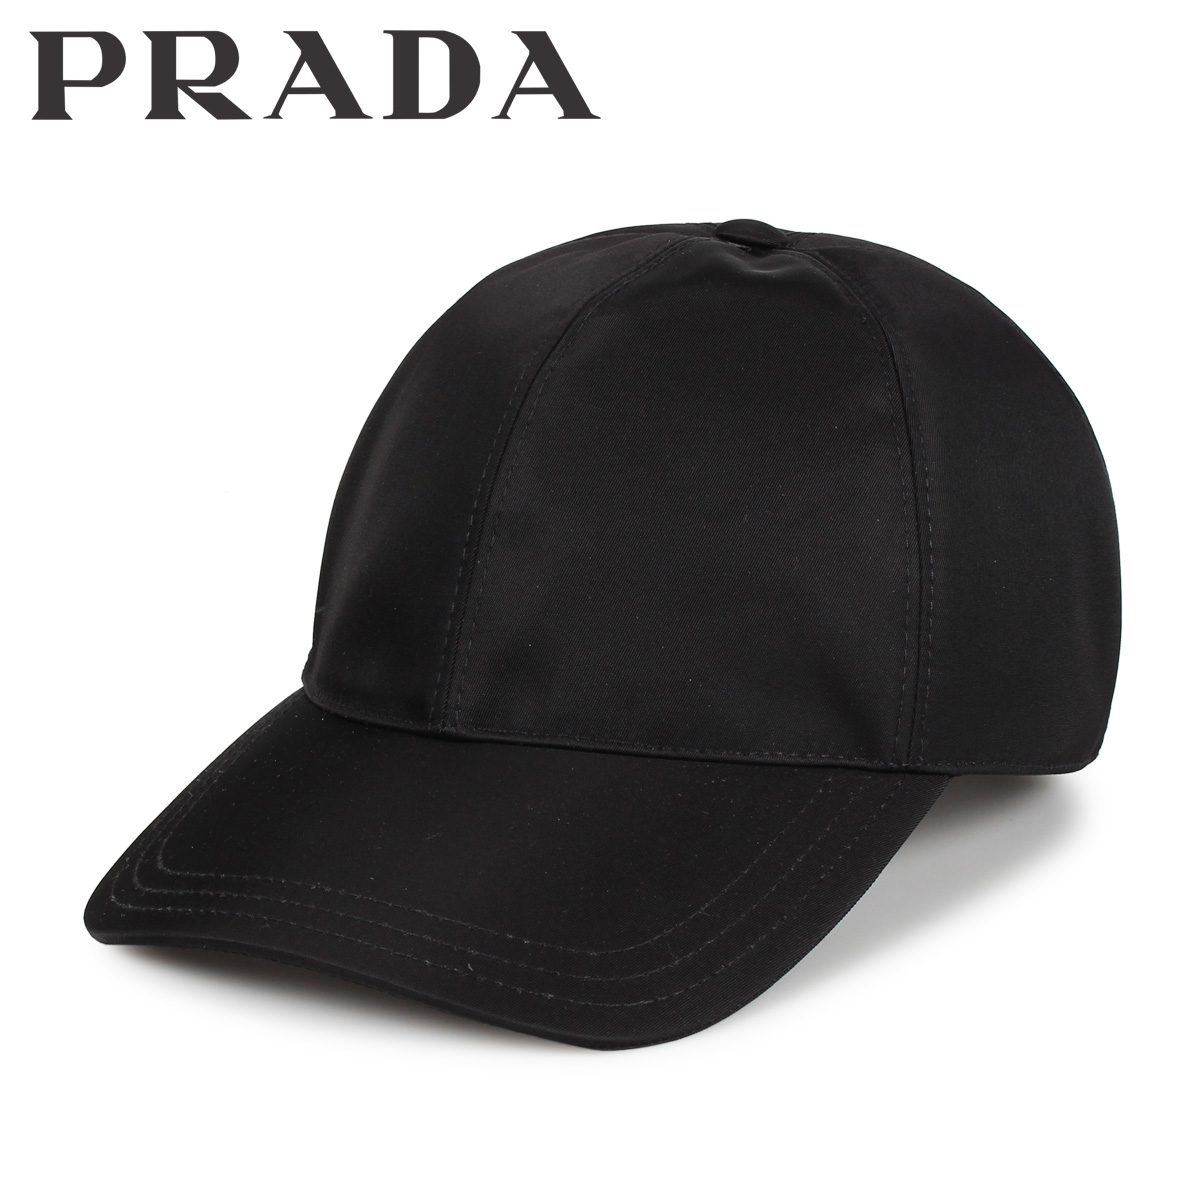 ポイント最大44倍 【送料無料】 【あす楽対応】 プラダ PRADA キャップ 帽子 ベースボールキャップ 【ブラックフライデー ポイント最大44倍】 プラダ PRADA キャップ 帽子 ベースボールキャップ メンズ レディース BASEBALL CAP ブラック 黒 2HC2742B15 [10/9 新入荷]